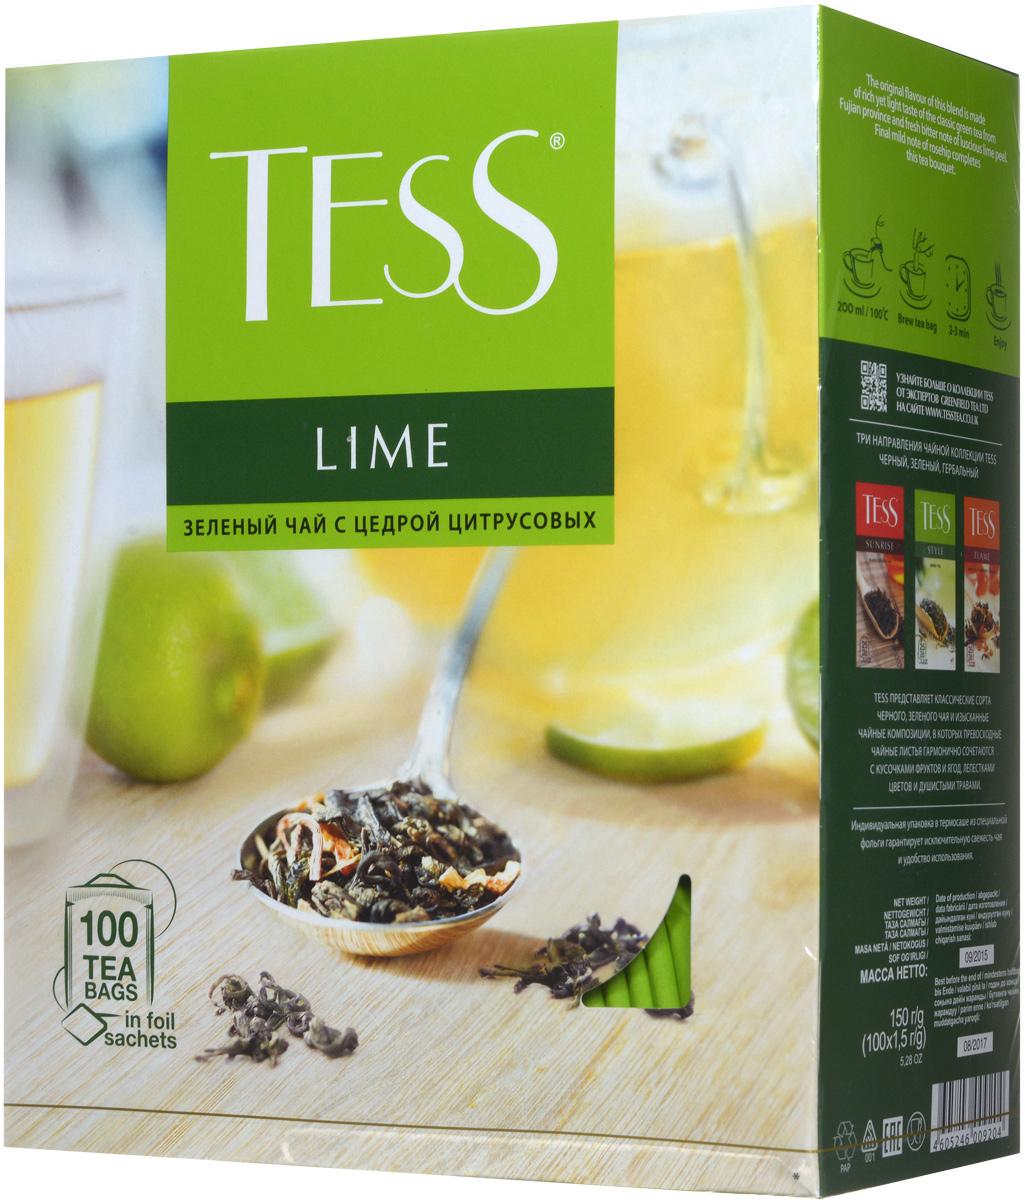 Tess Lime зеленый чай в пакетиках, 100 шт0920-09Зеленый чай Tess Lime - это очень интересная композиция из зеленого чая, кусочков шиповника, лимонной цедры и лепестков календулы. Острая лимонная кислинка хорошо сочетается с характерным, немного терпким вкусом зеленого чая, а завершающую точку ставит свежий, чуть горьковатый аромат сочного лайма.